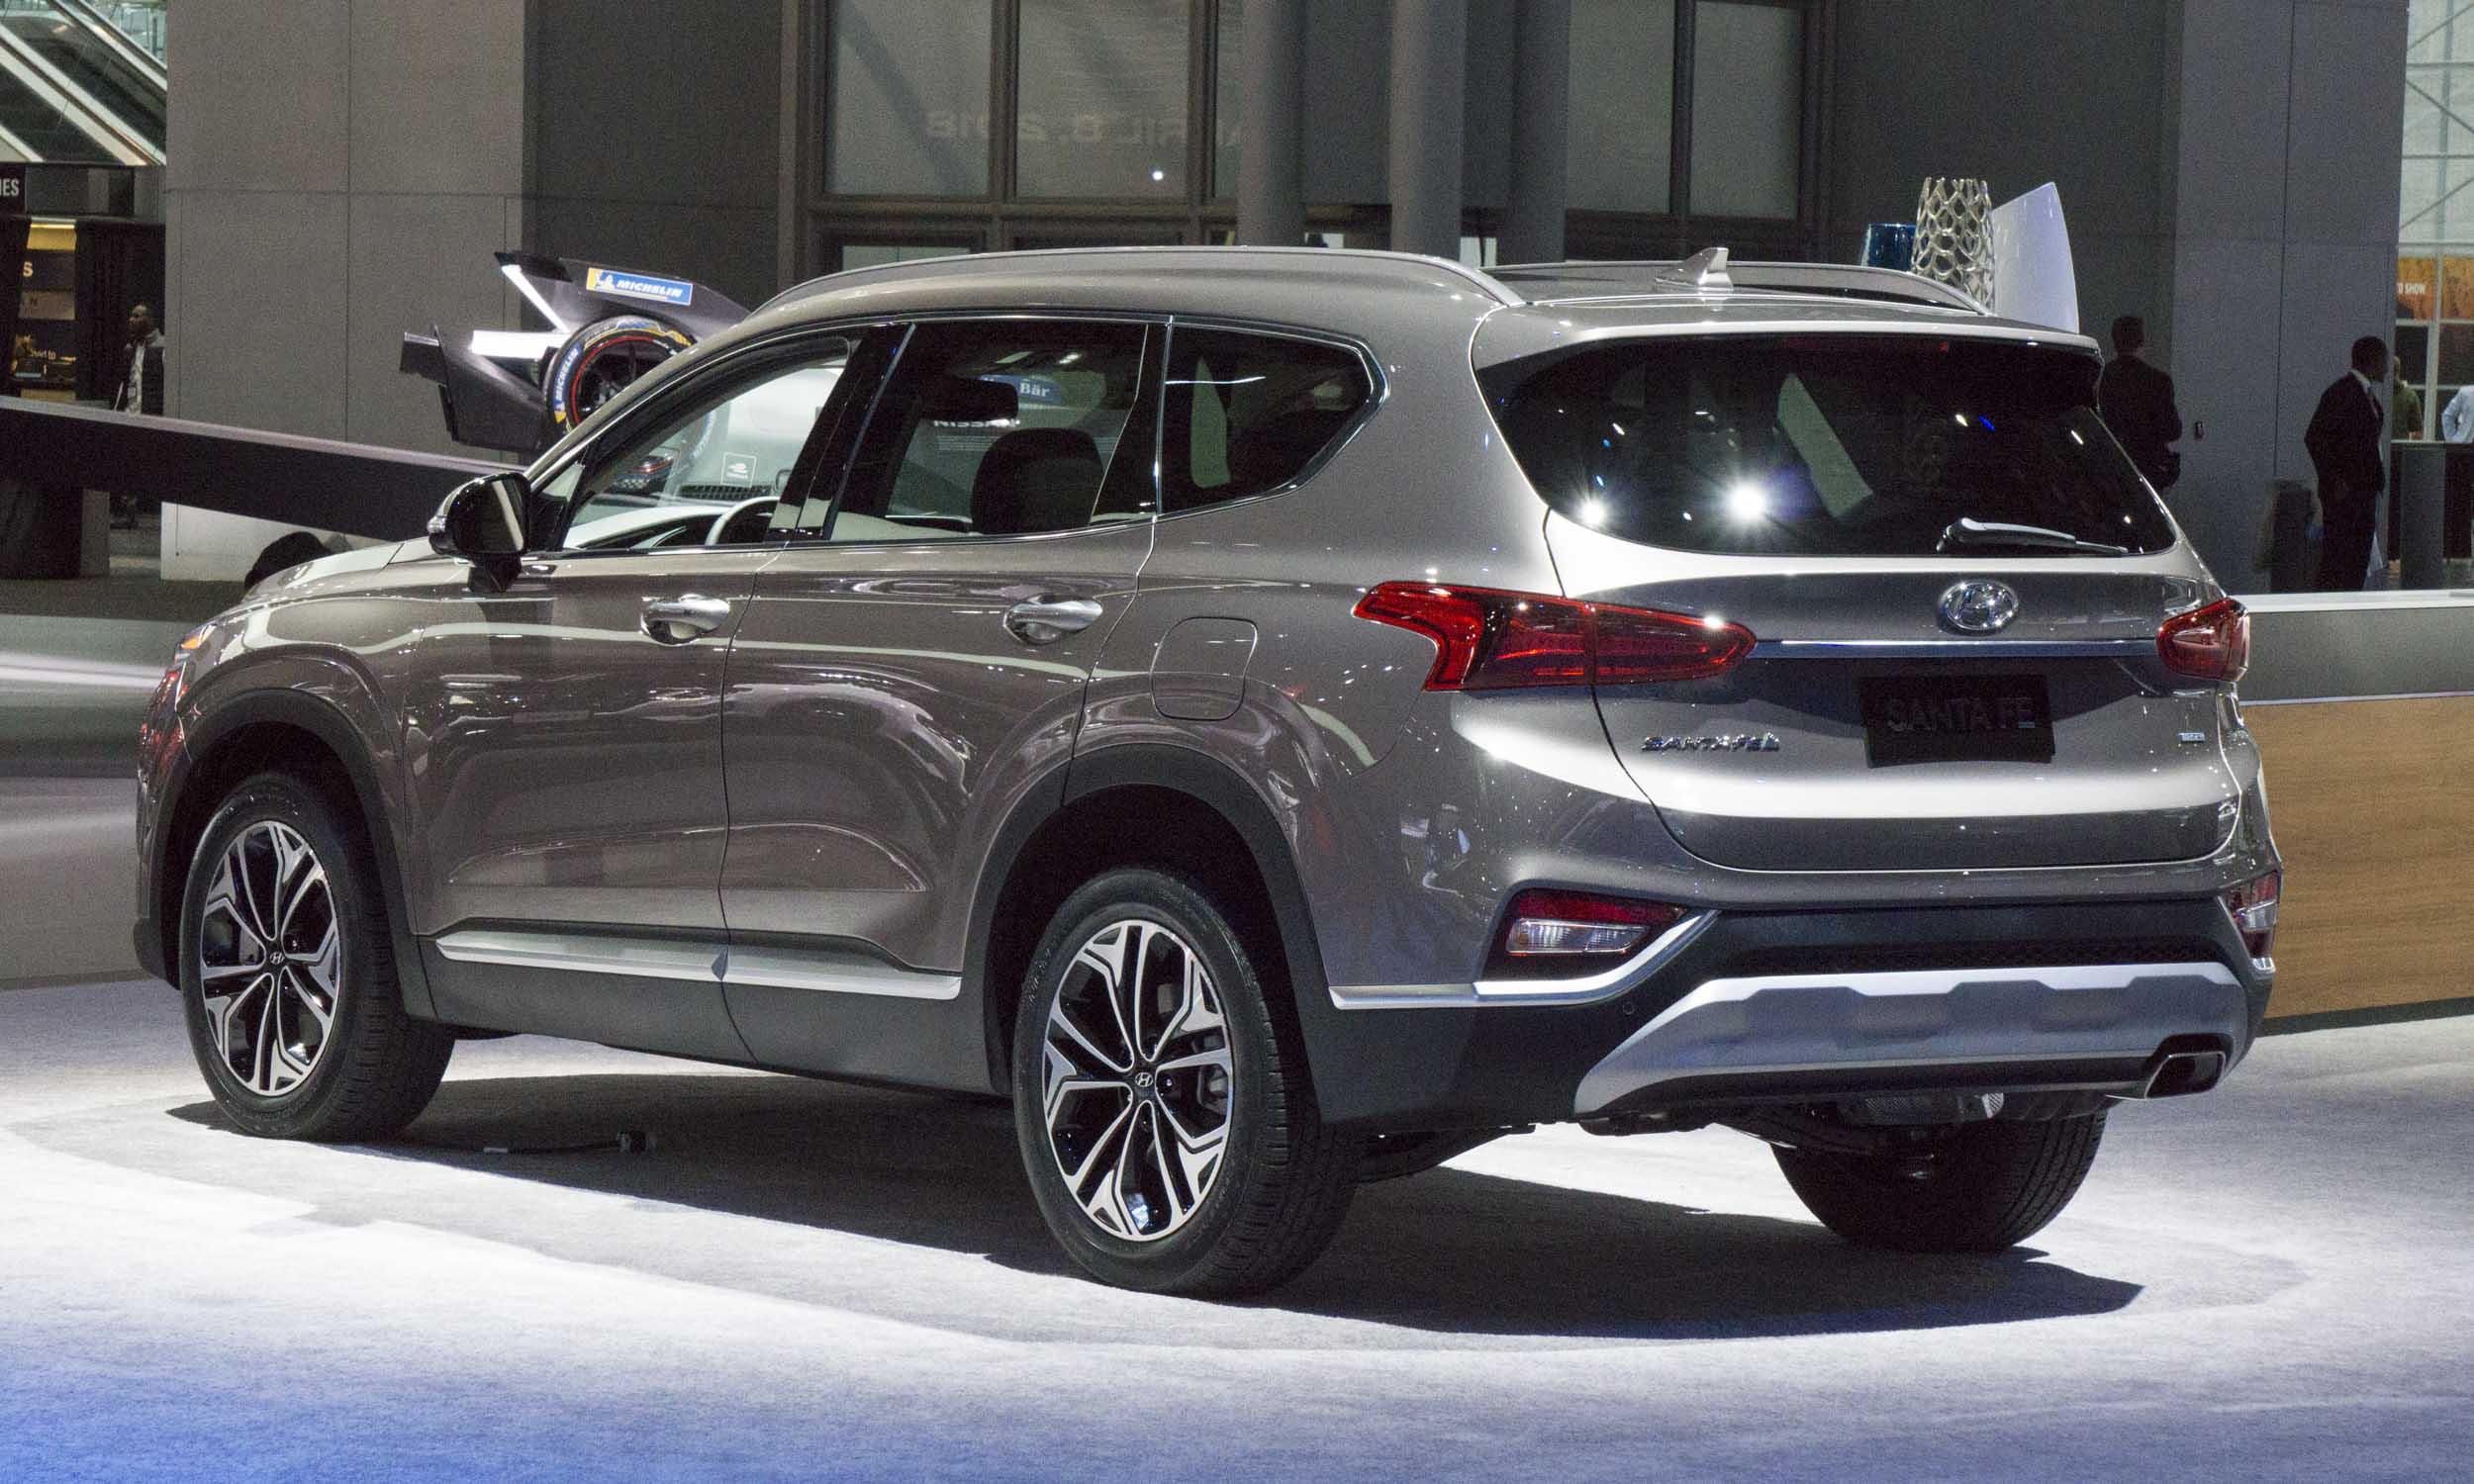 Santa Fe Towing U003eu003e 2018 New York Auto Show: Photo Highlights   » AutoNXT